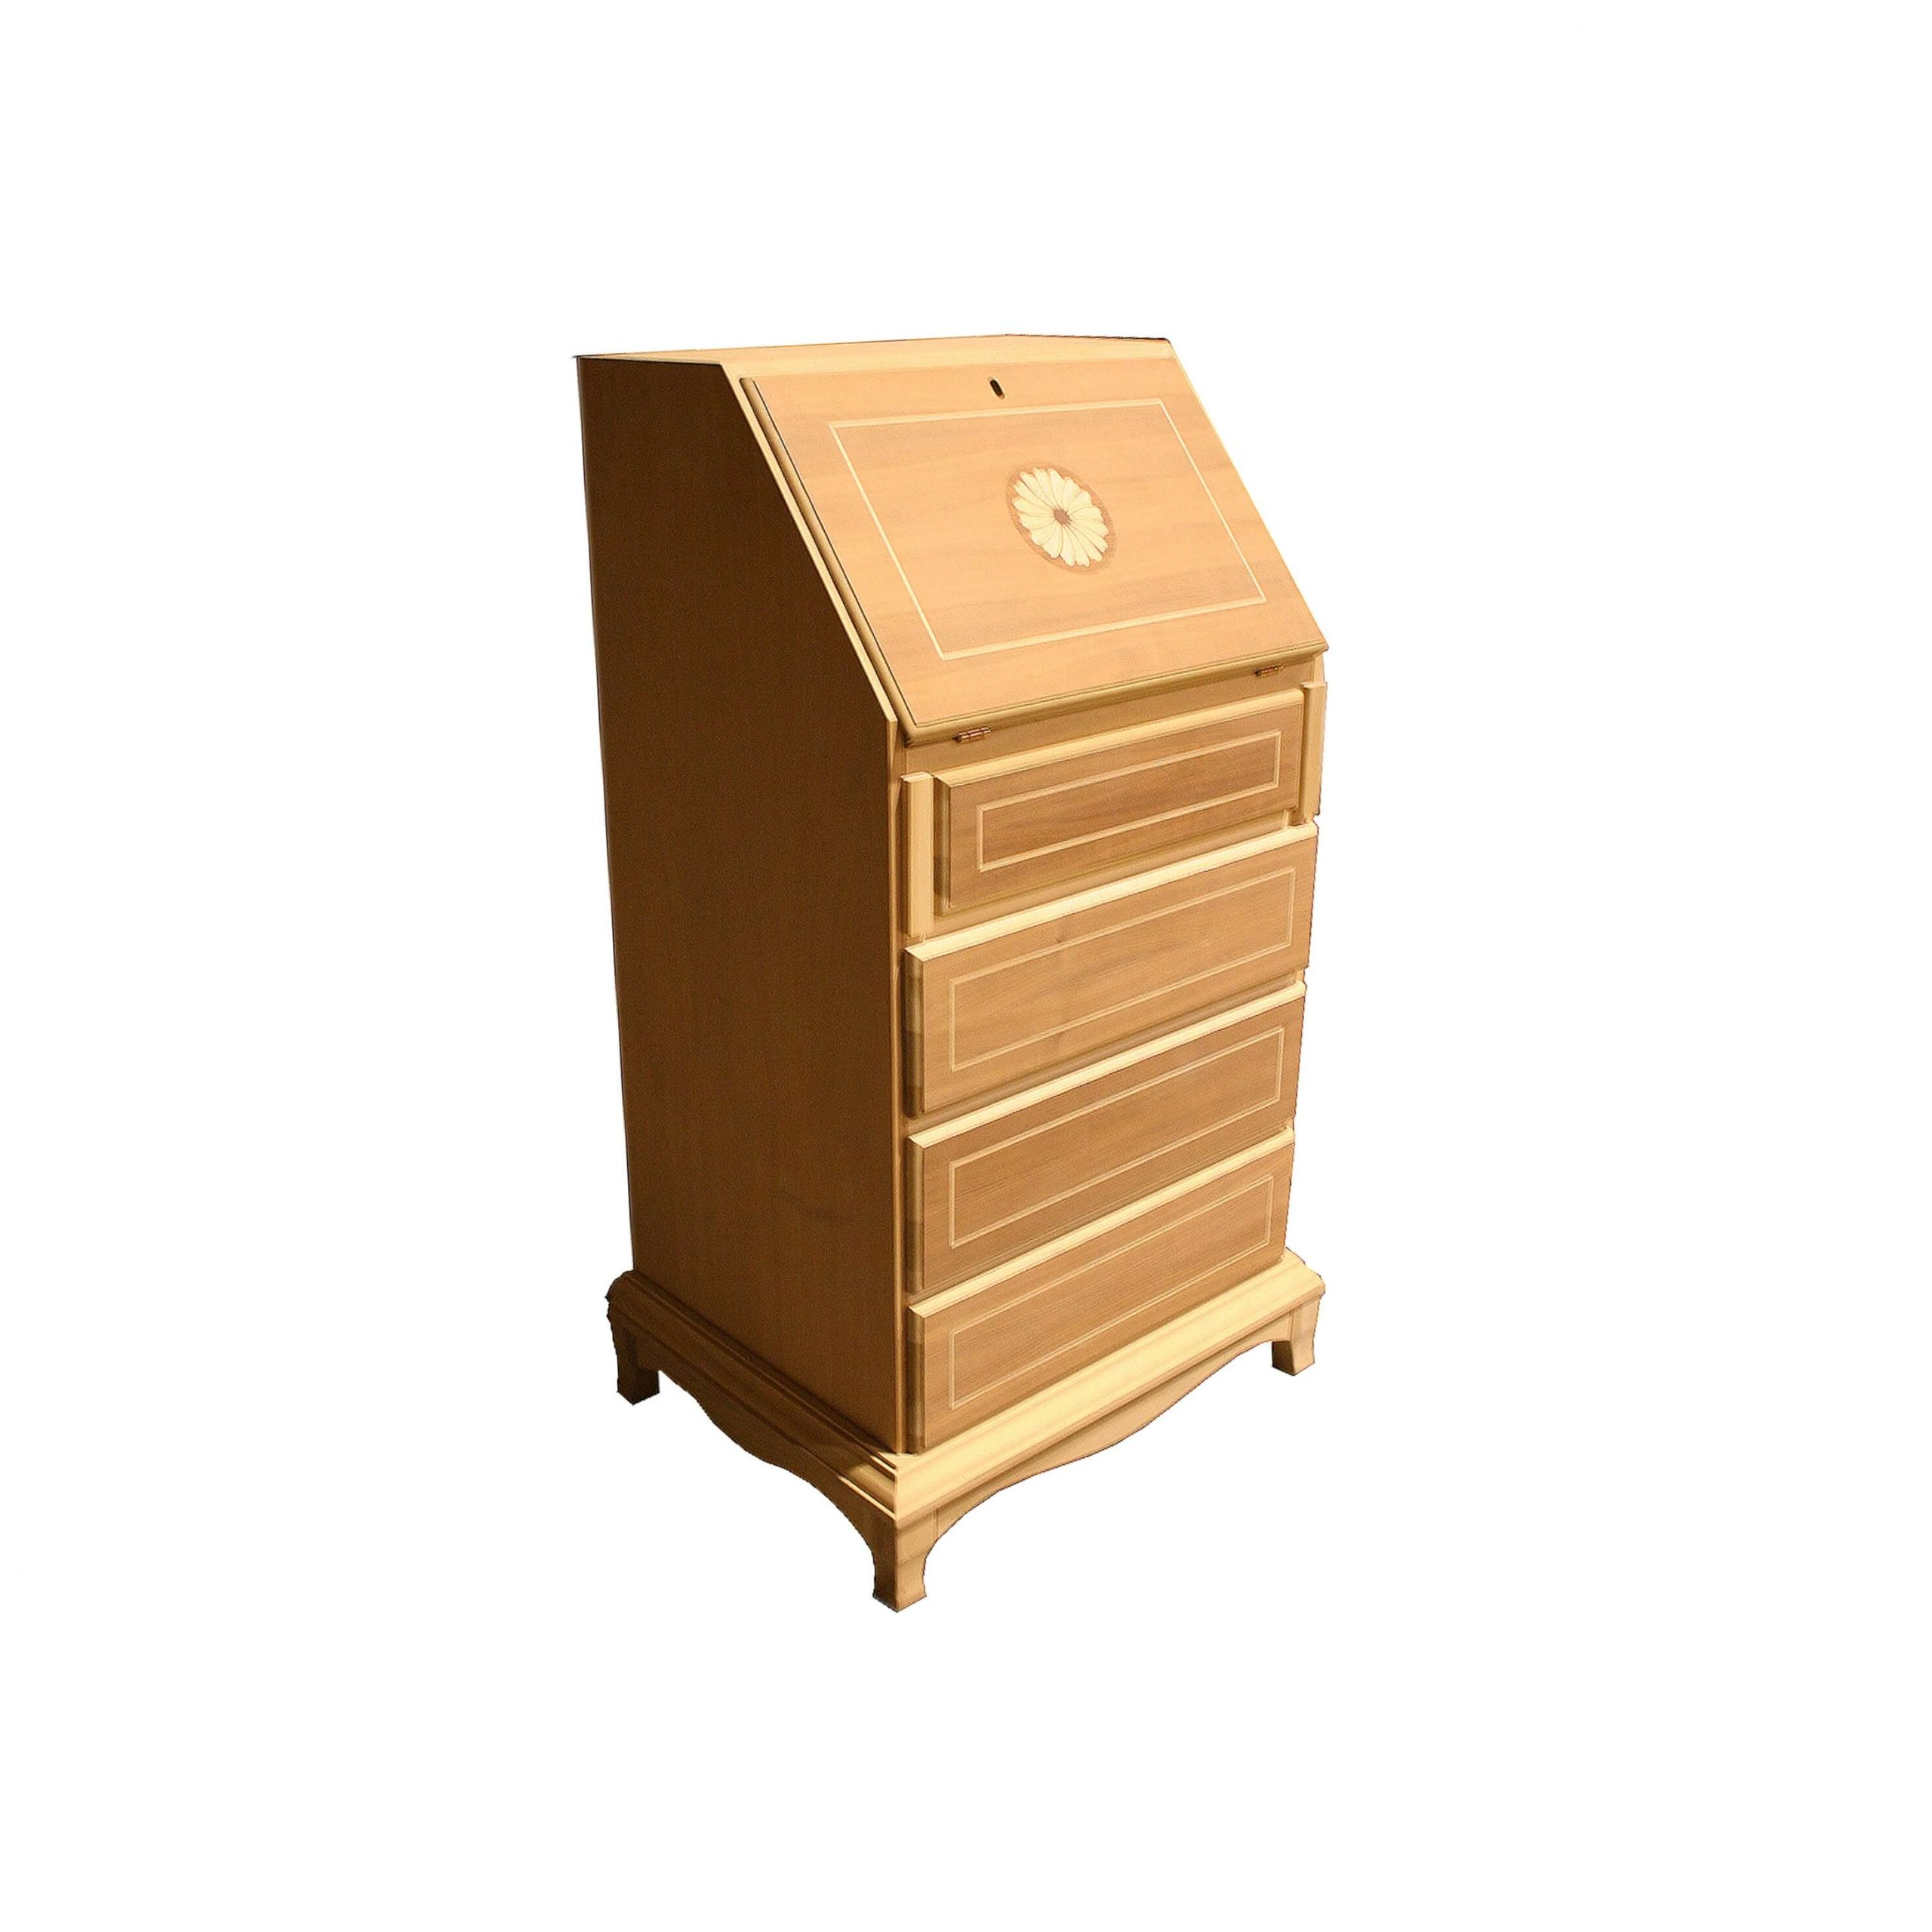 bureau caracola 1 puerta con 2 cajones interiores y 4 cajones